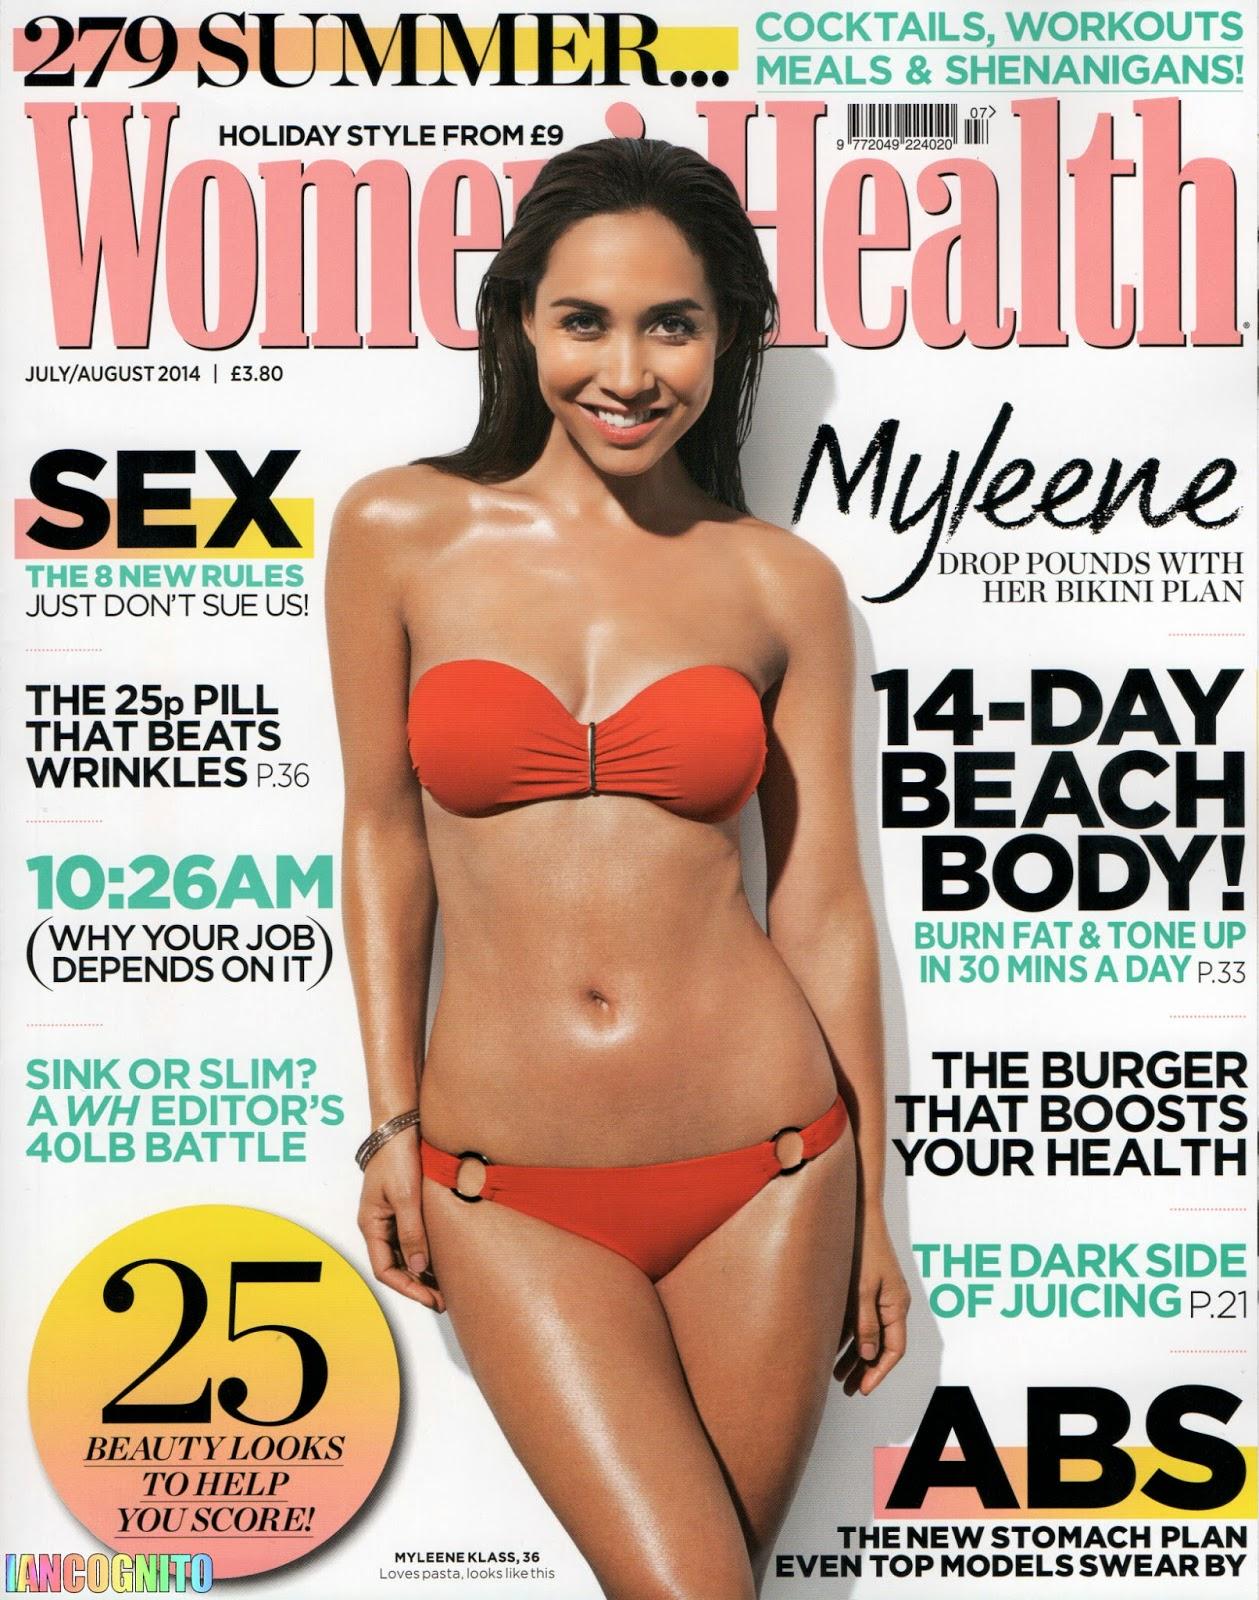 Myleene Klass For Women's Health Magazine, 2014